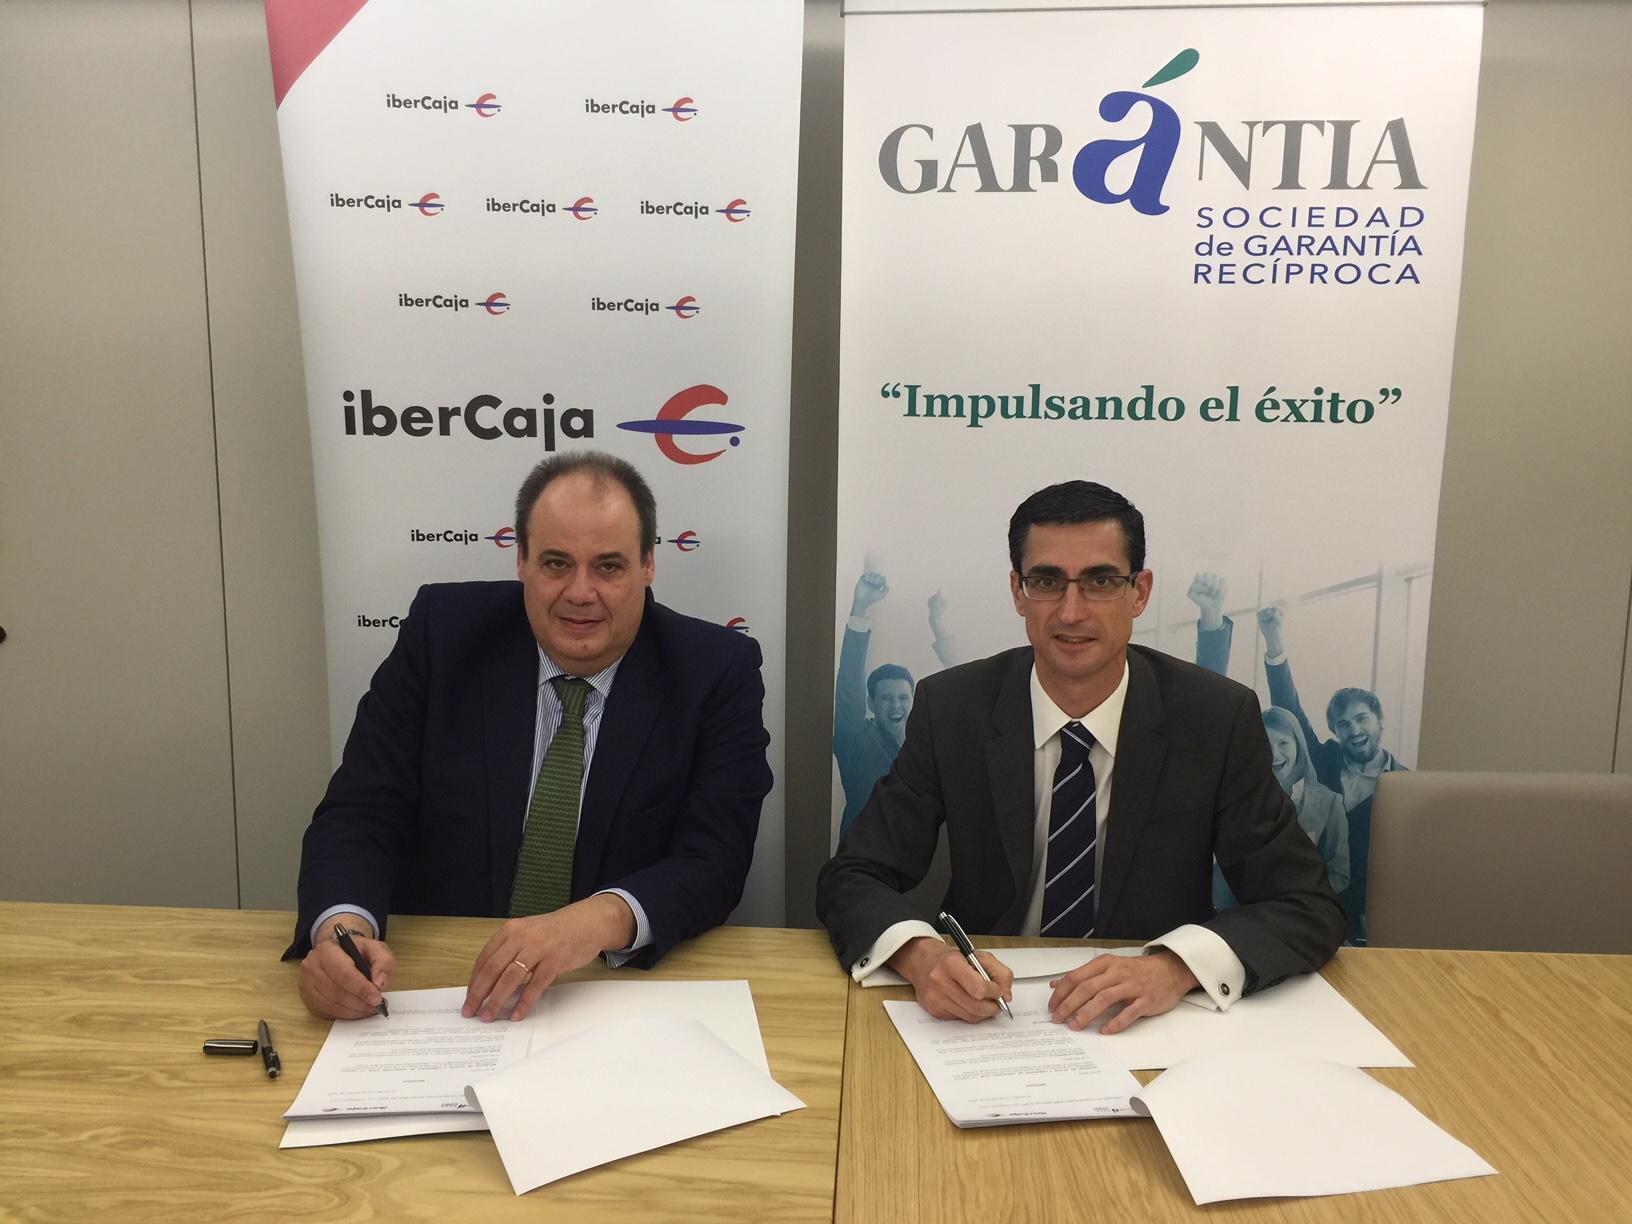 Acuerdo entre gar ntia e ibercaja aval para pymes y for Ibercaja banco oficinas